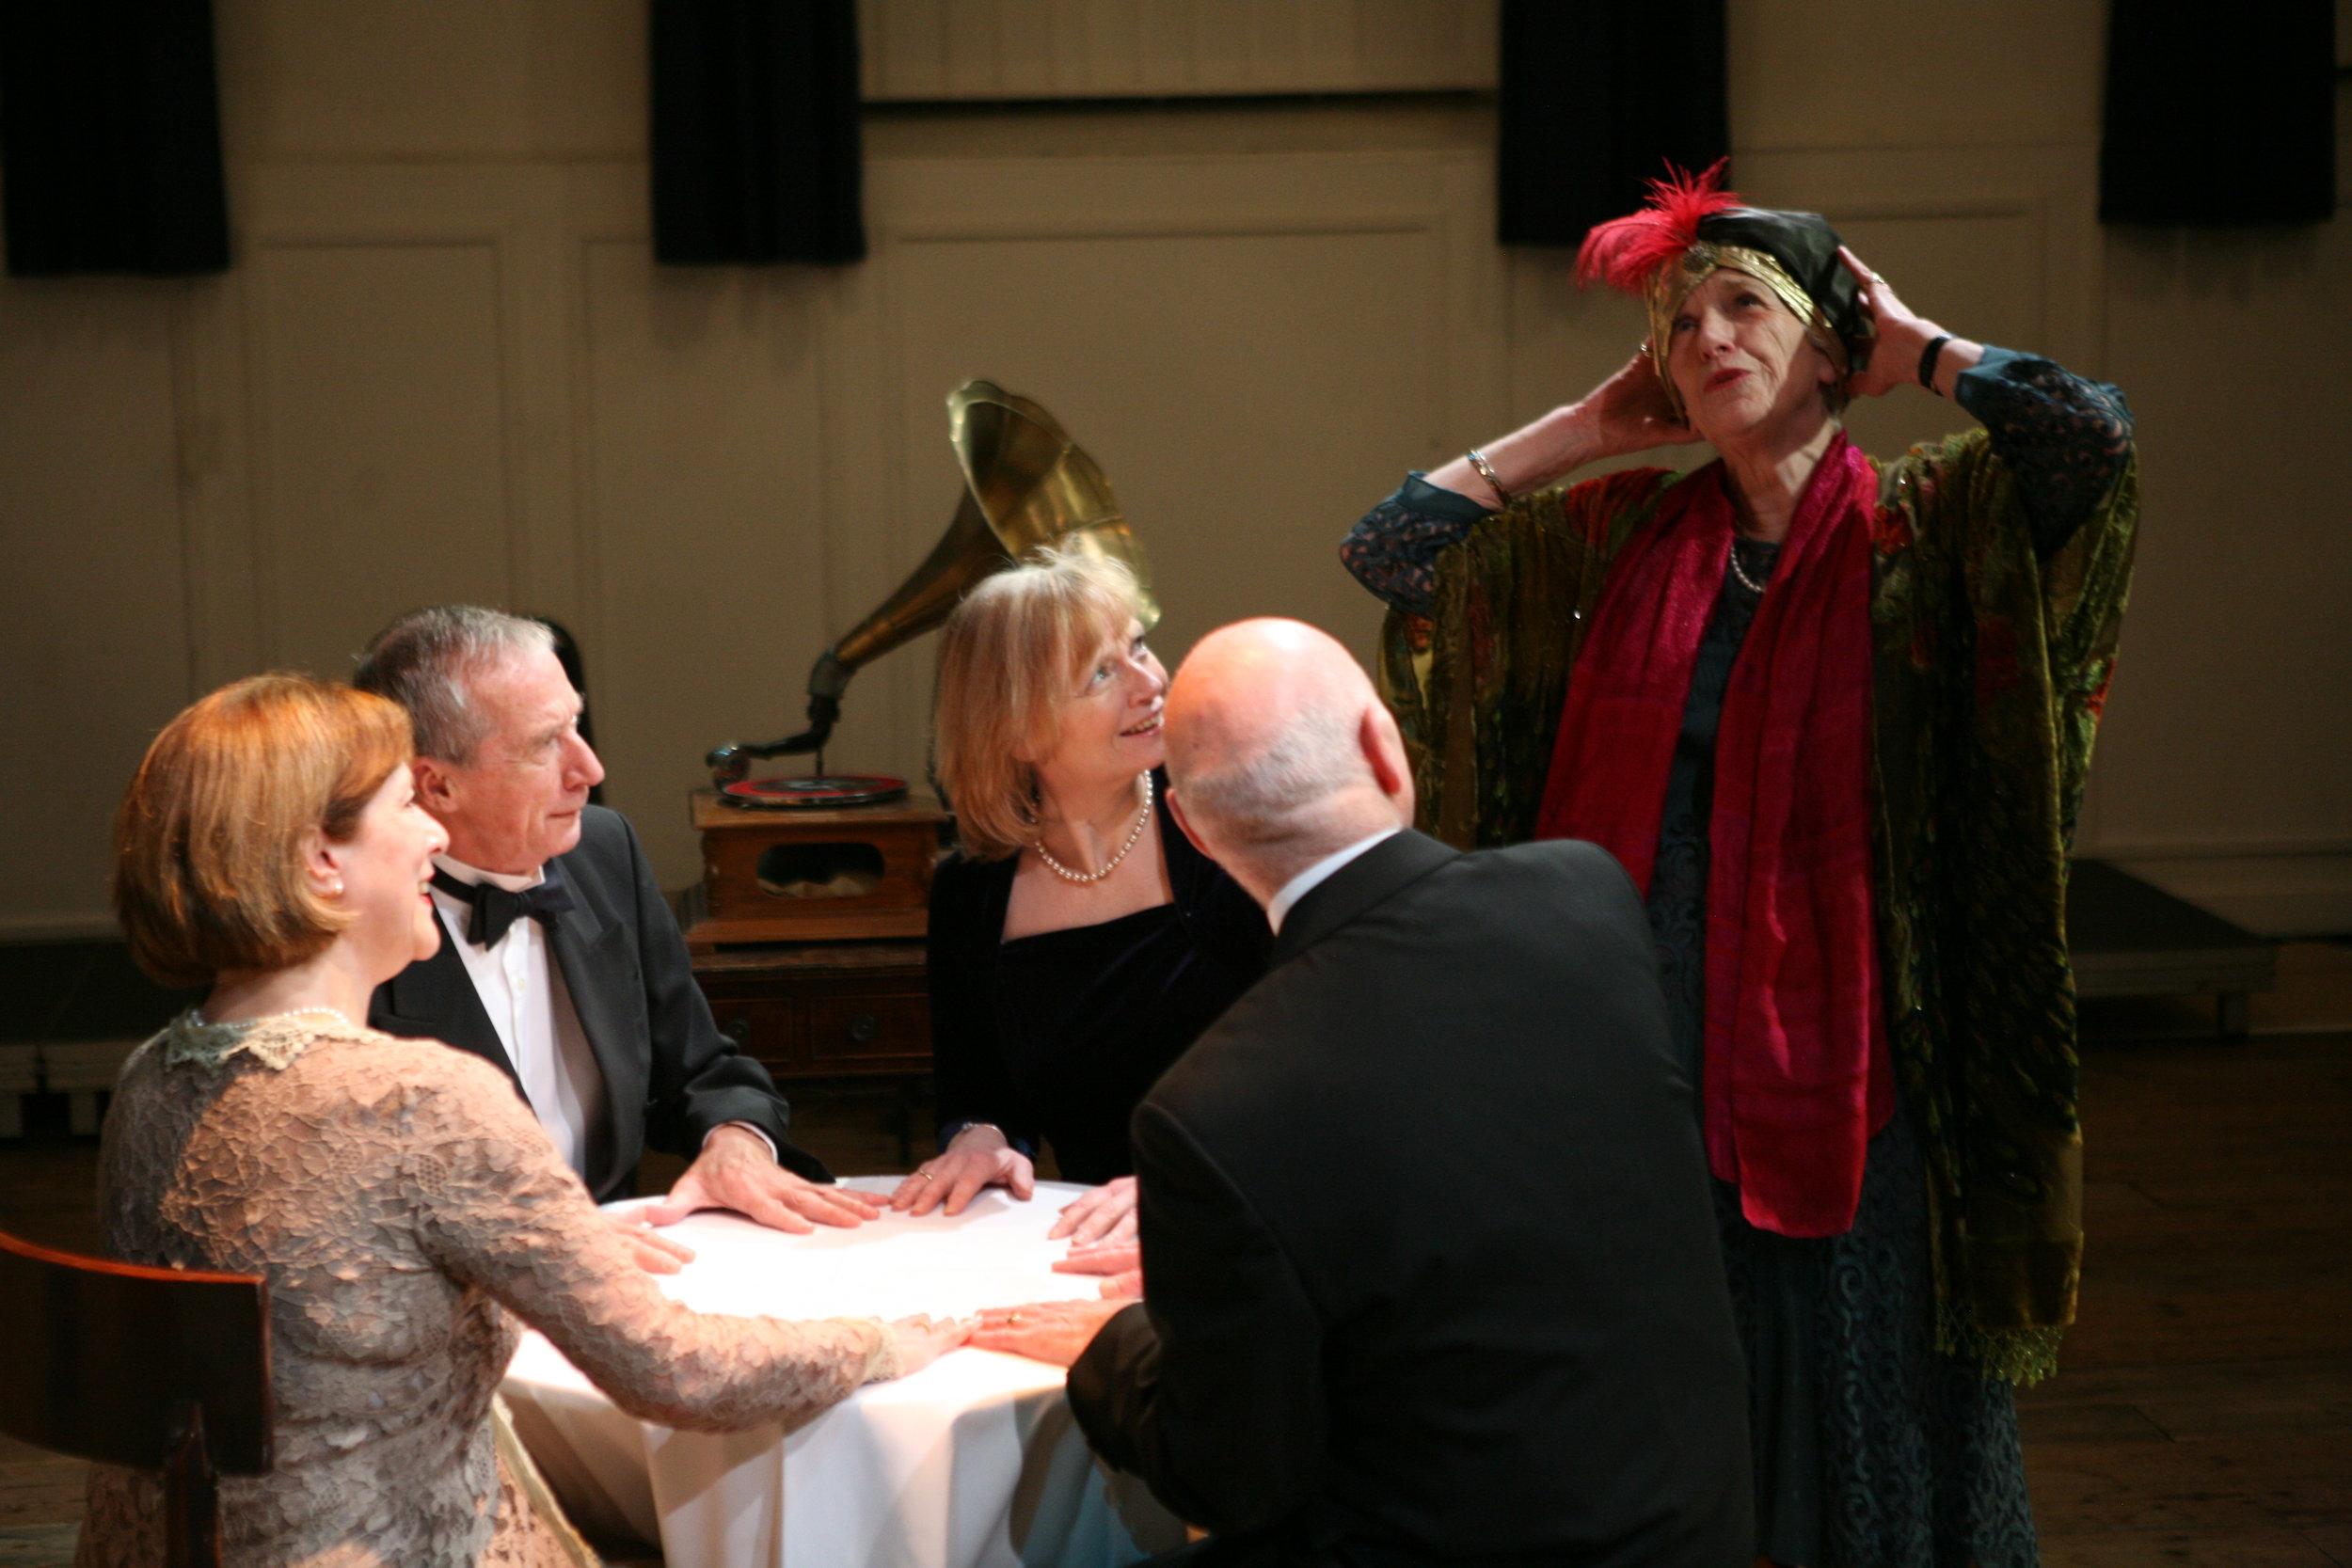 From left - Kay Francksen as Mrs Bradman, David Gosling as Dr Bradman, Barbara Ingledew as Ruth, Joanna Bowman as Madame Arcati and Lewis Cowen as Charles.JPG